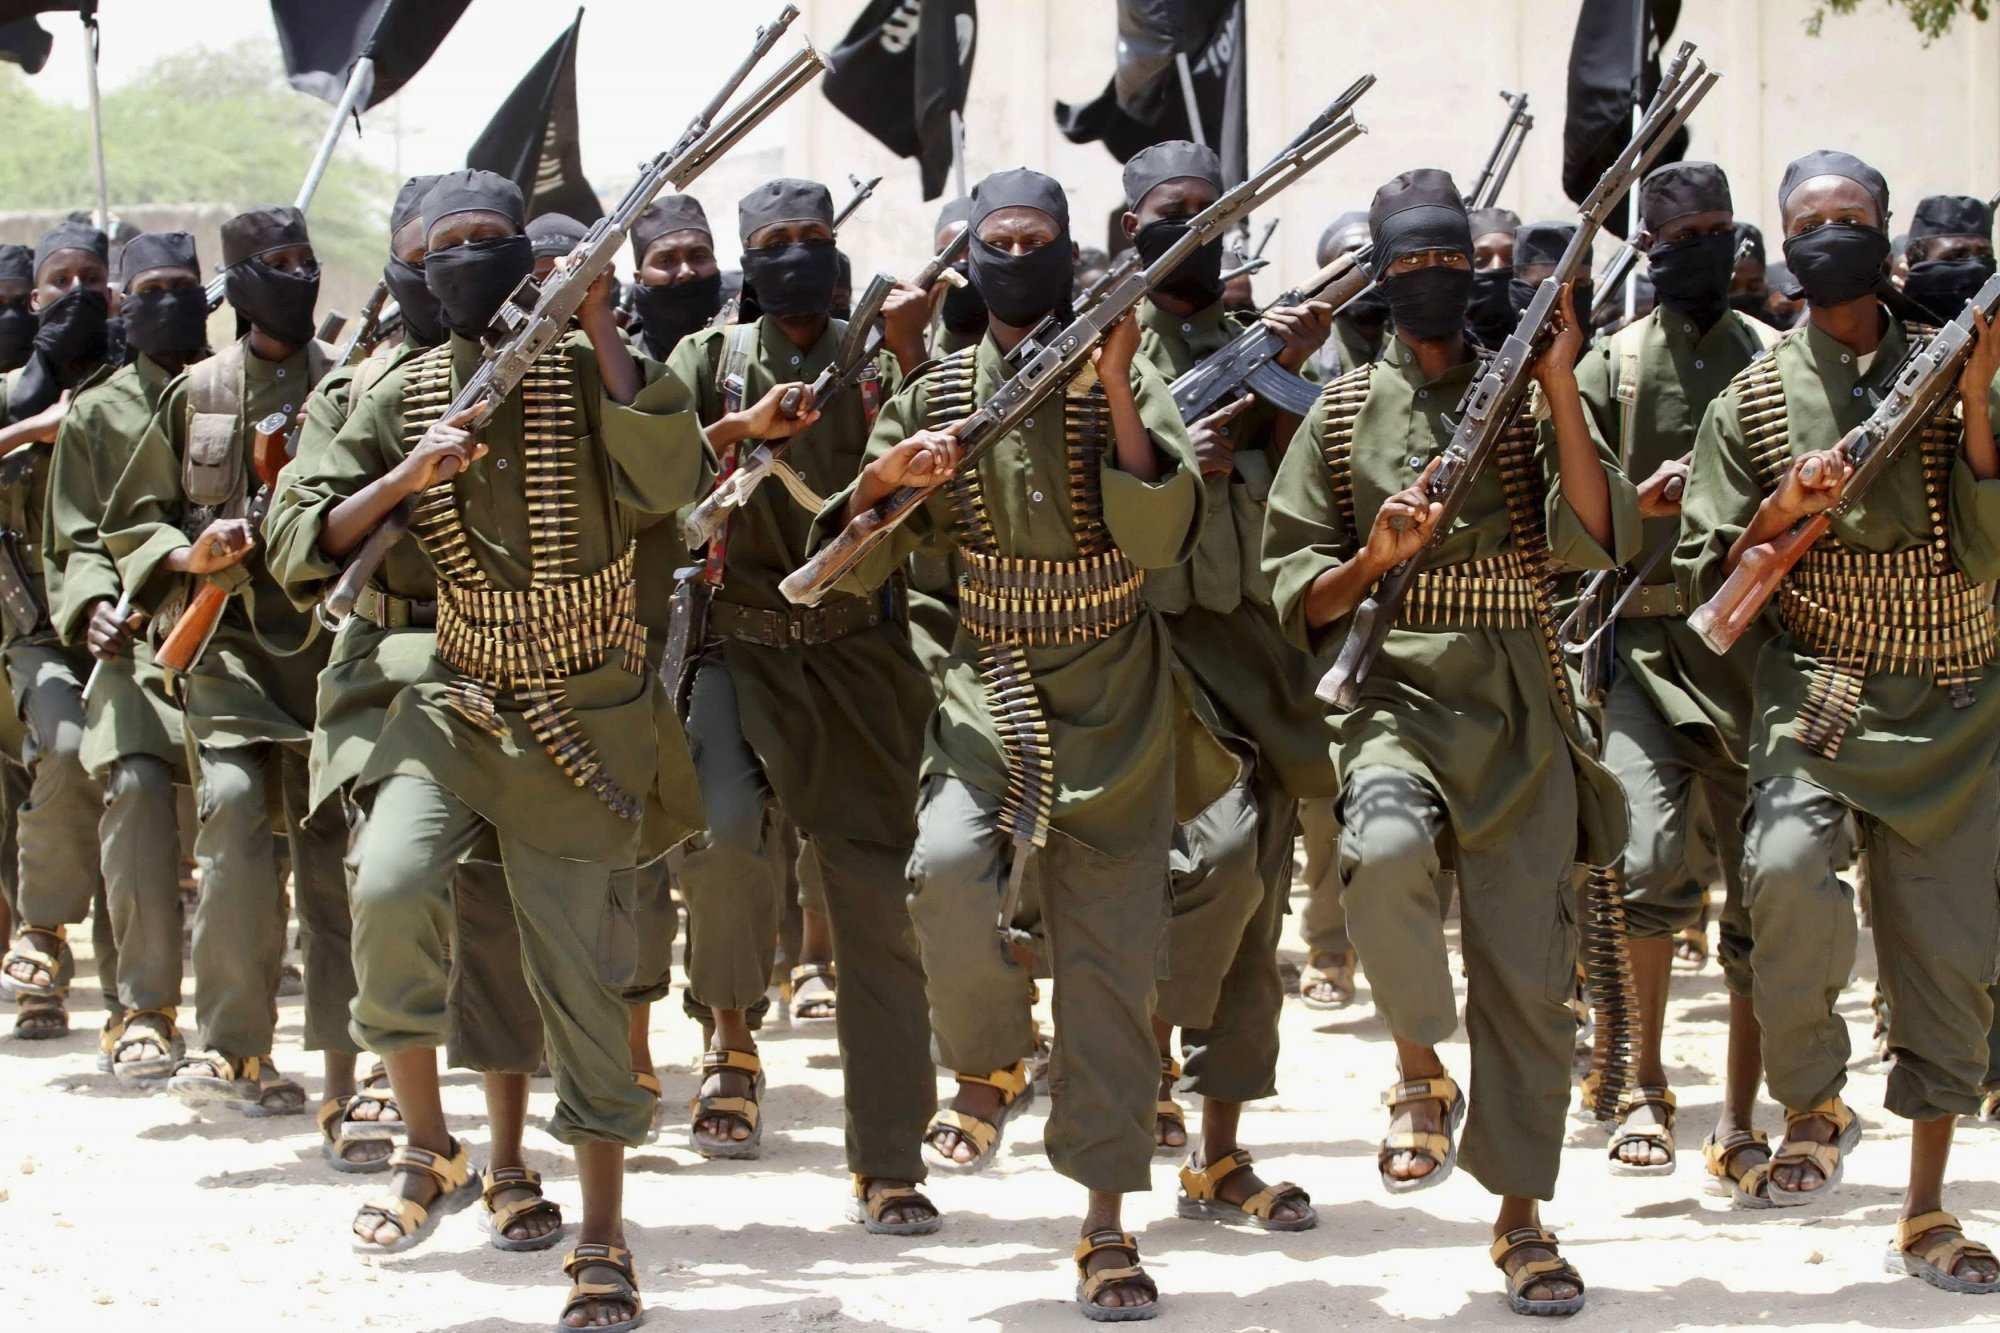 Боевики «Боко харам» применяют тактику «выжженной земли» в ходе атак на территорию Нигера | Русская весна